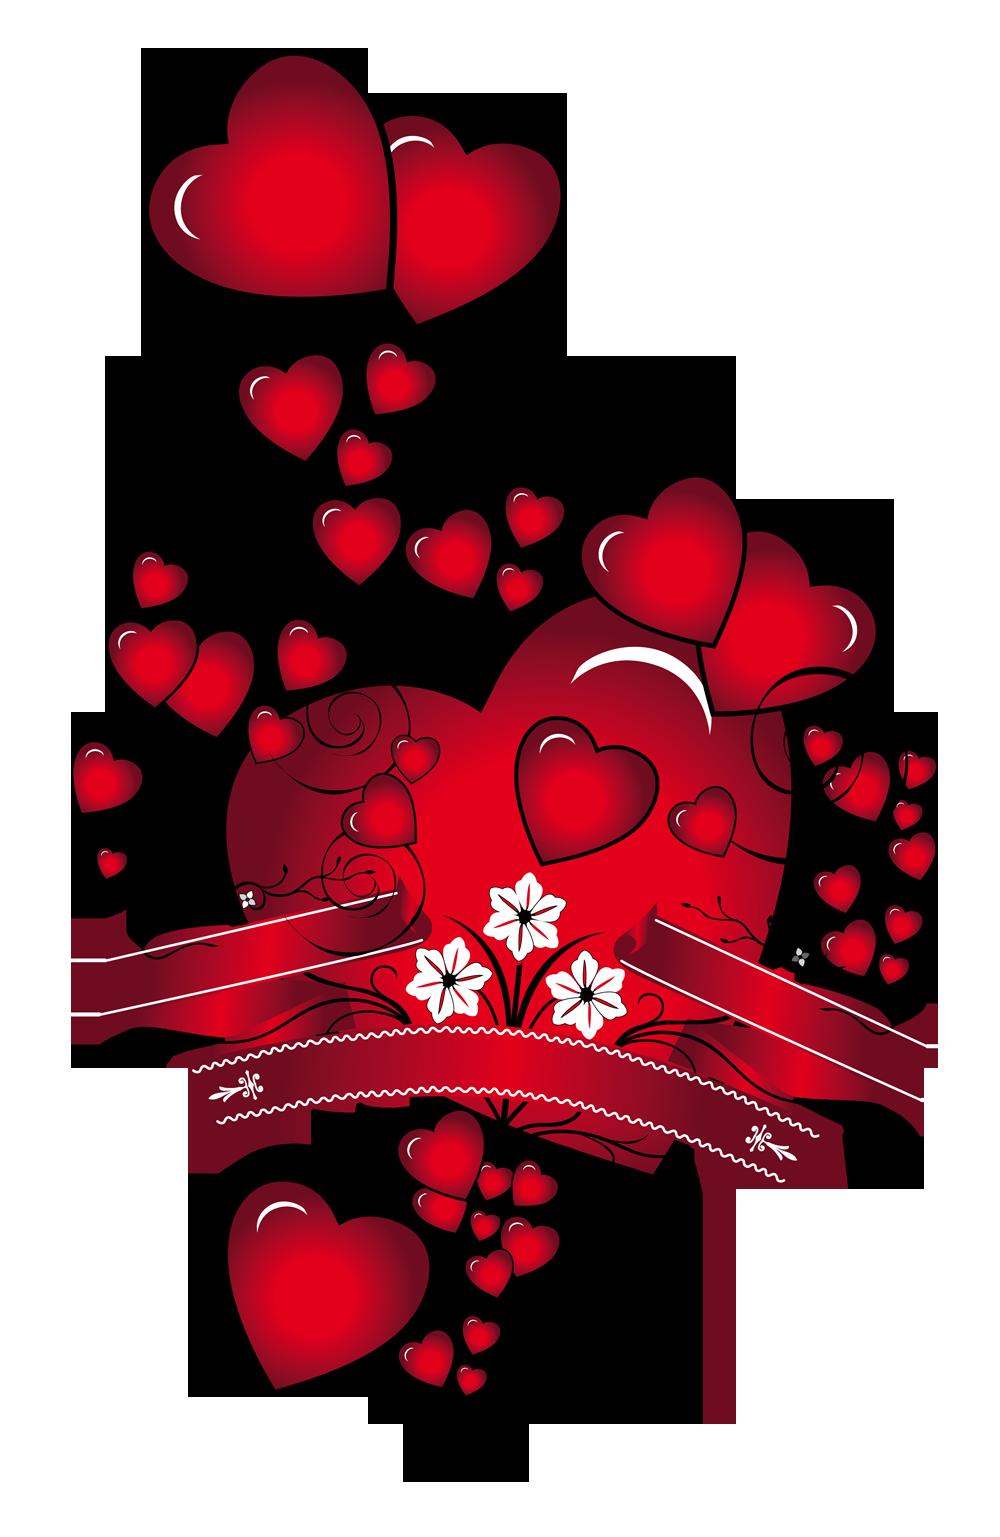 Поздравление, картинки с сердцем для любимых и прикольные